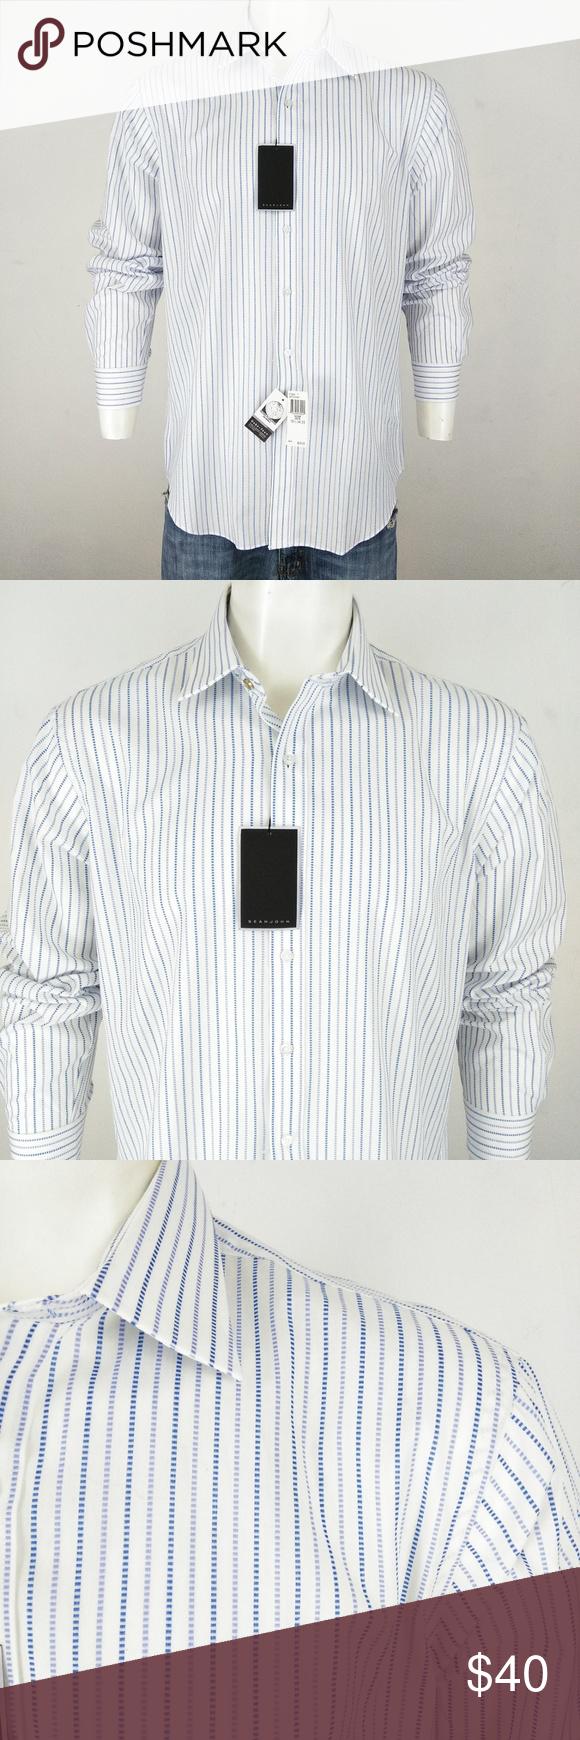 Sean John Nwt Striped White Men S Dress Shirt Mens White Dress Shirt Mens Shirt Dress Shirt Dress [ 1740 x 580 Pixel ]